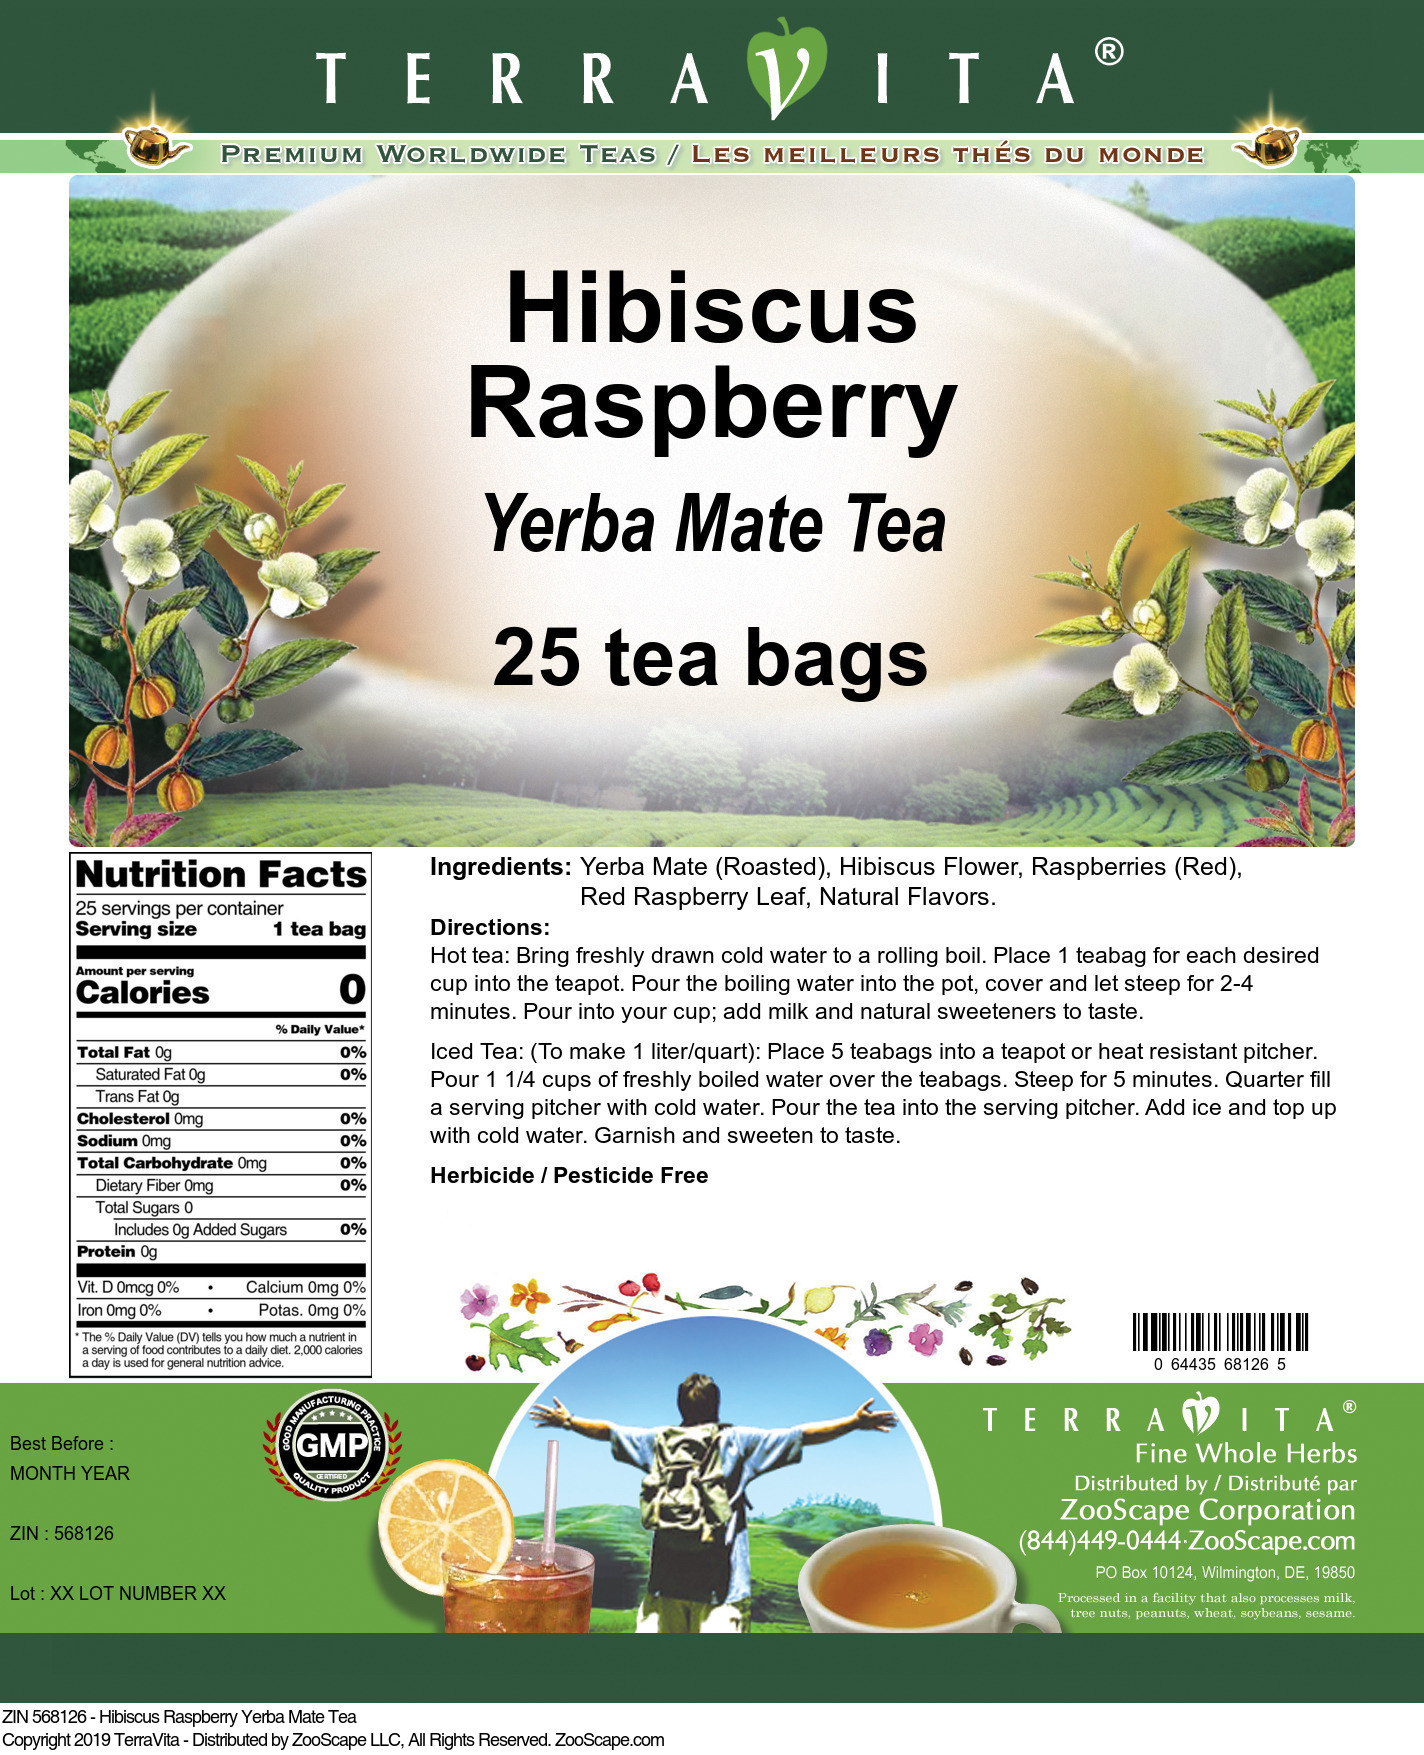 Hibiscus Raspberry Yerba Mate